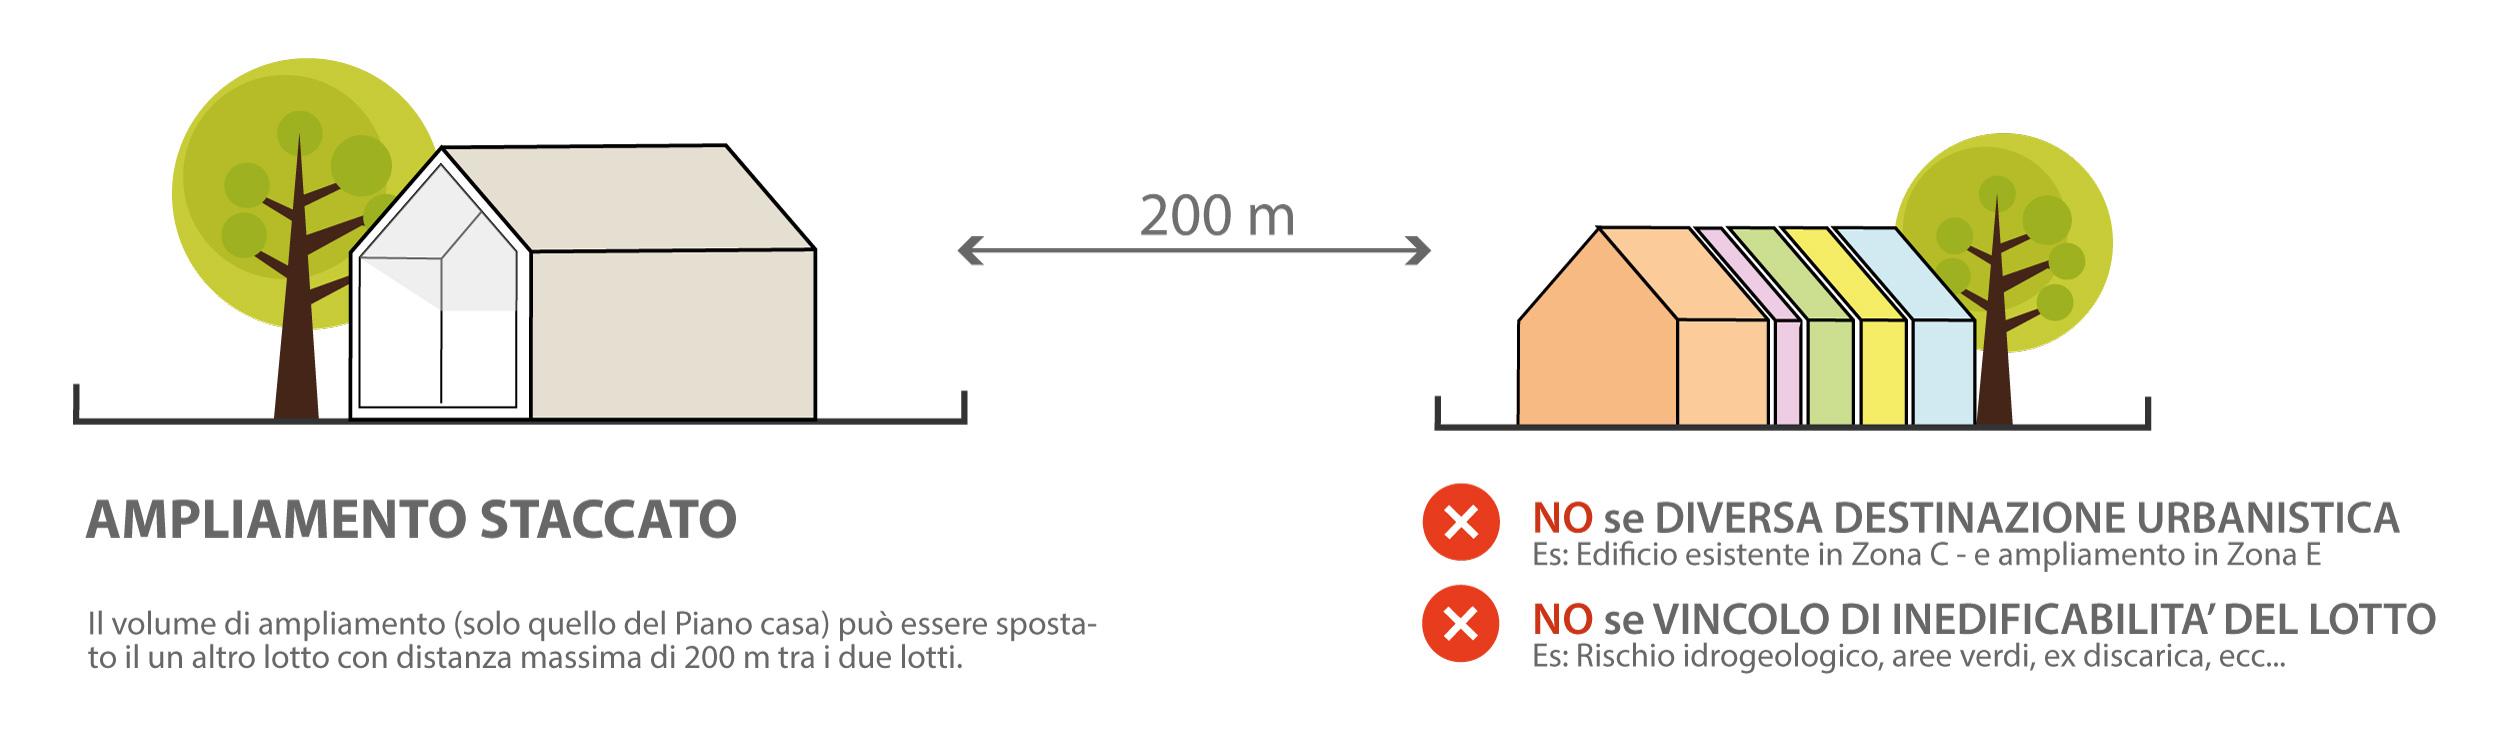 Piano-Casa-Veneto--ampliamento-staccato